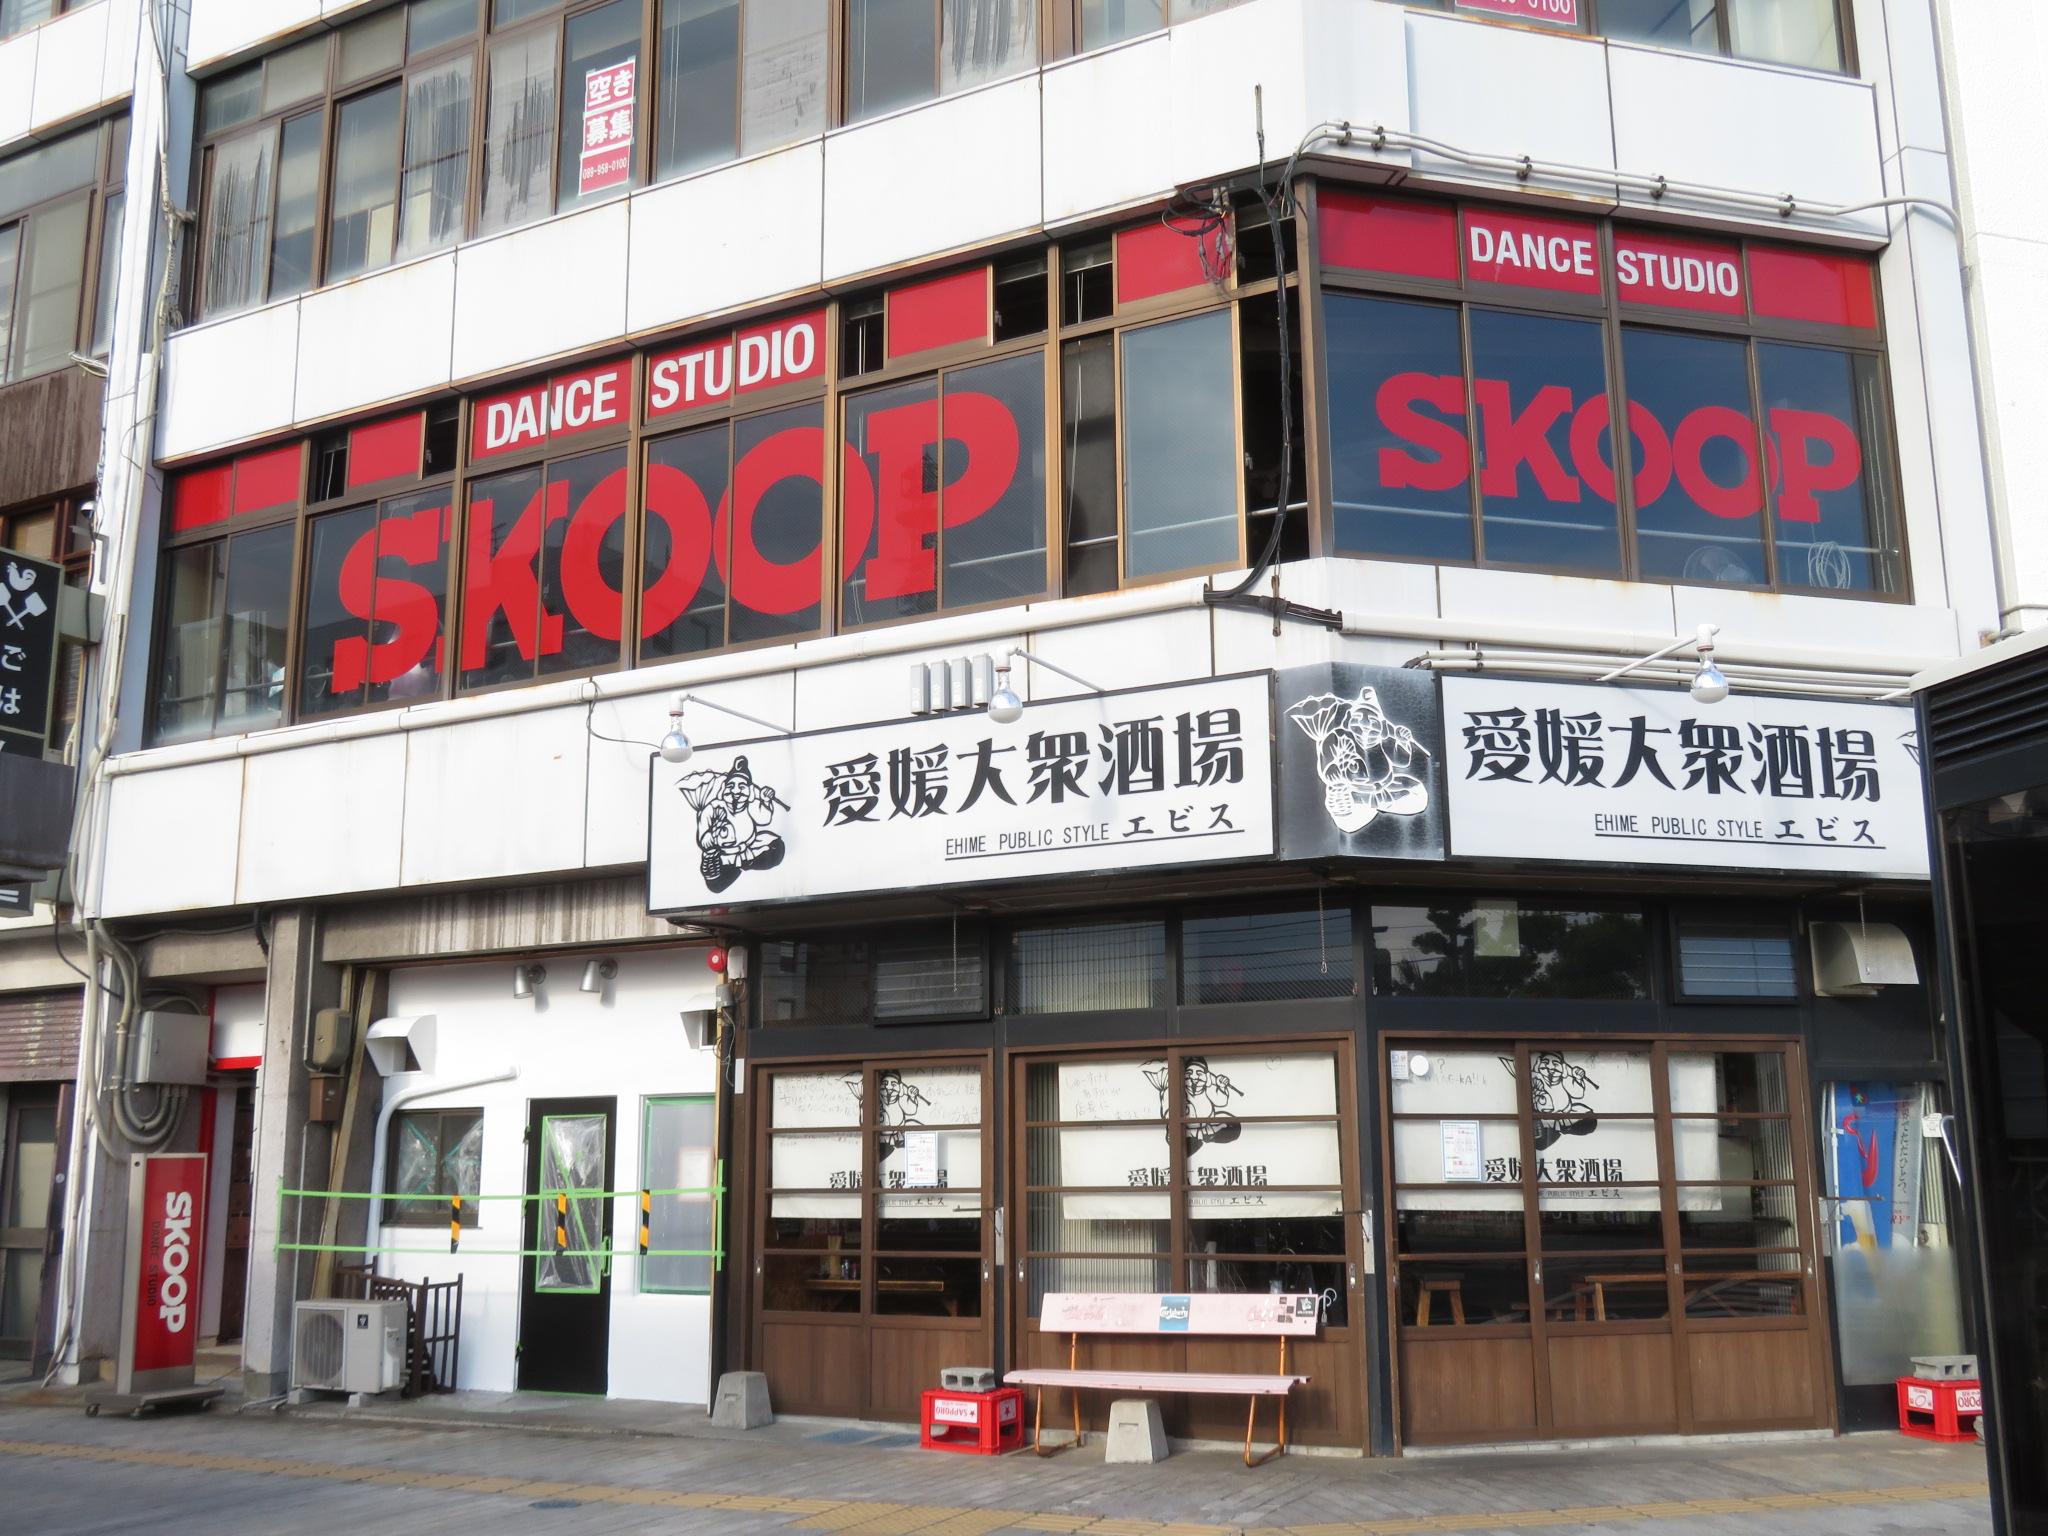 画像:SKOOP DANCE STUDIO